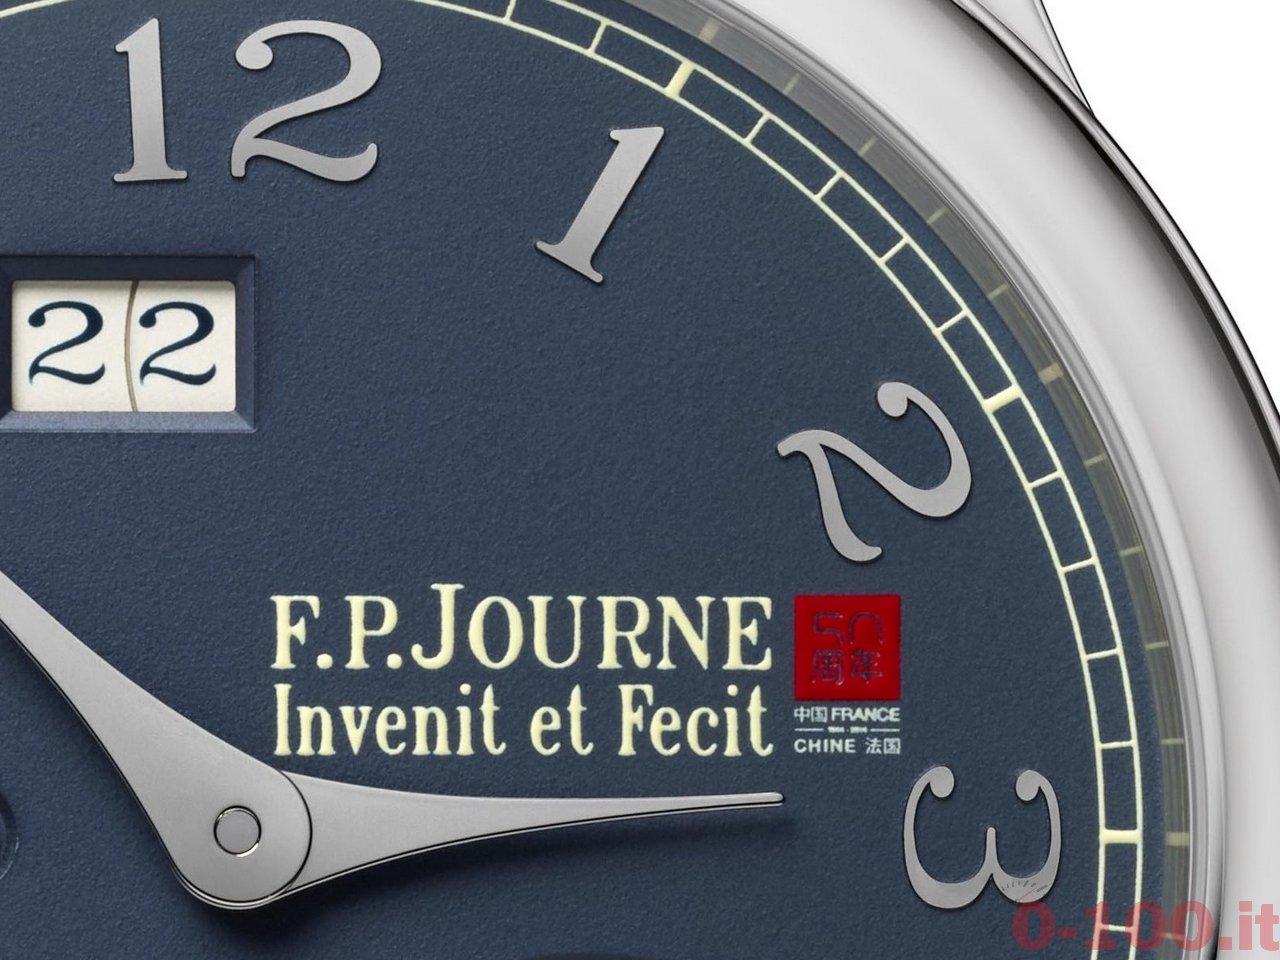 f-p-journe-octa-automatique-lune-50-anni-di-relazioni-tra-francia-e-cina-0-100_3